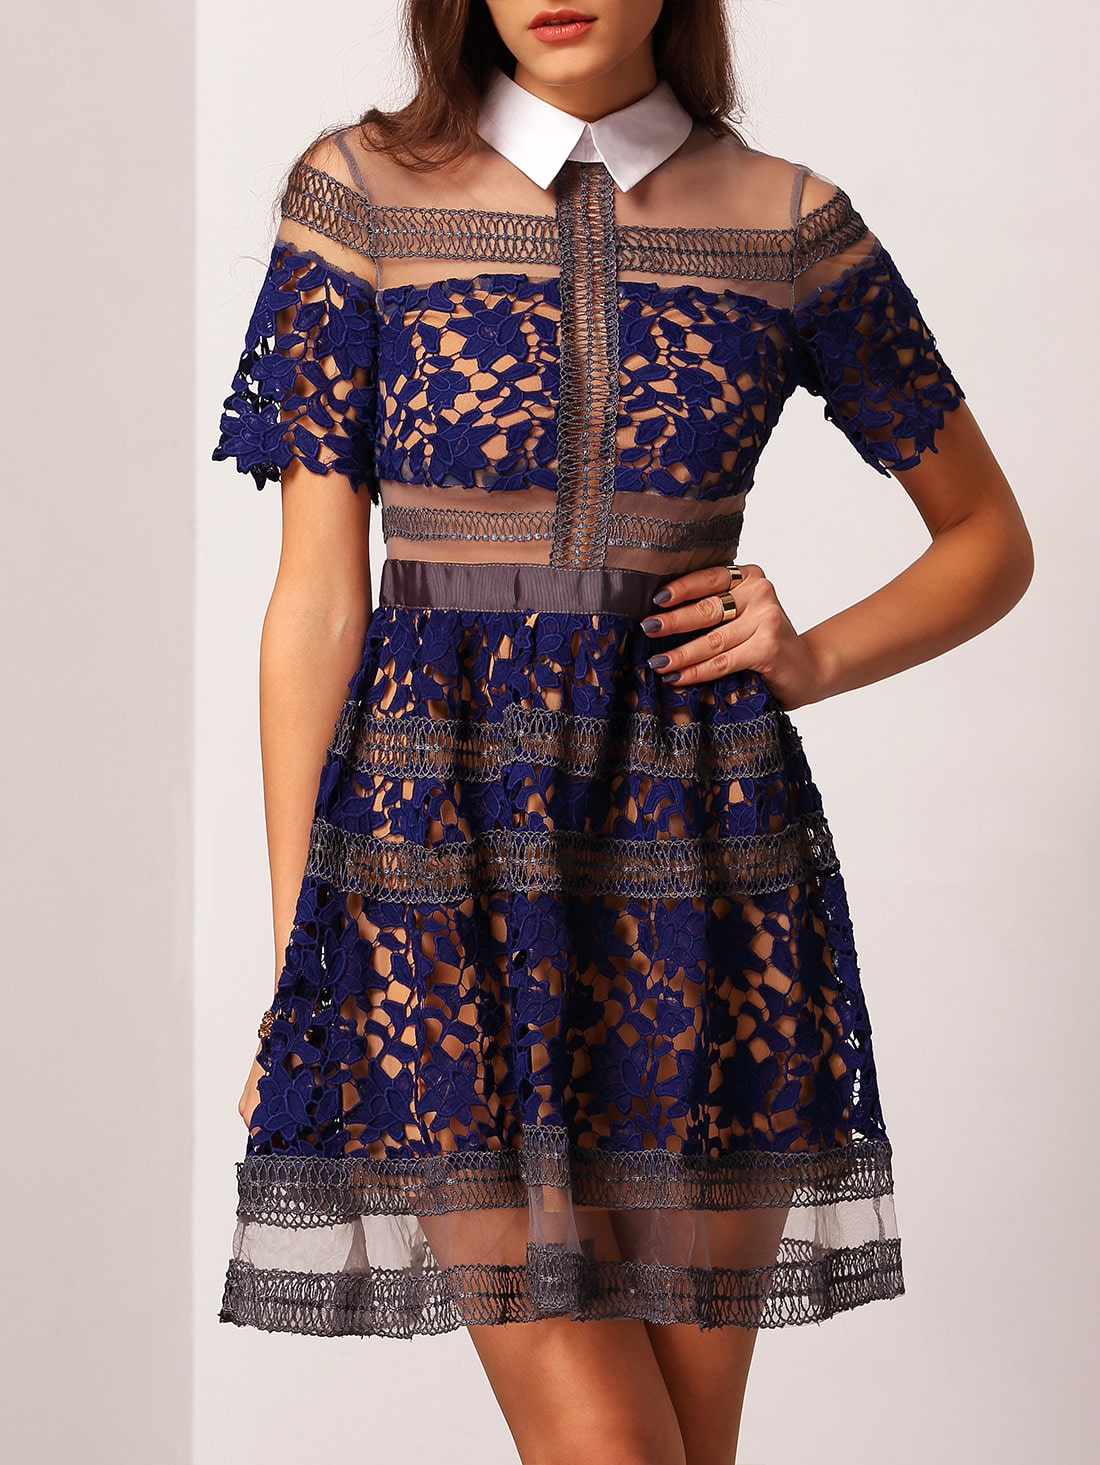 Lace Dresses, Shop Womens Lace Dresses Online SheIn.com